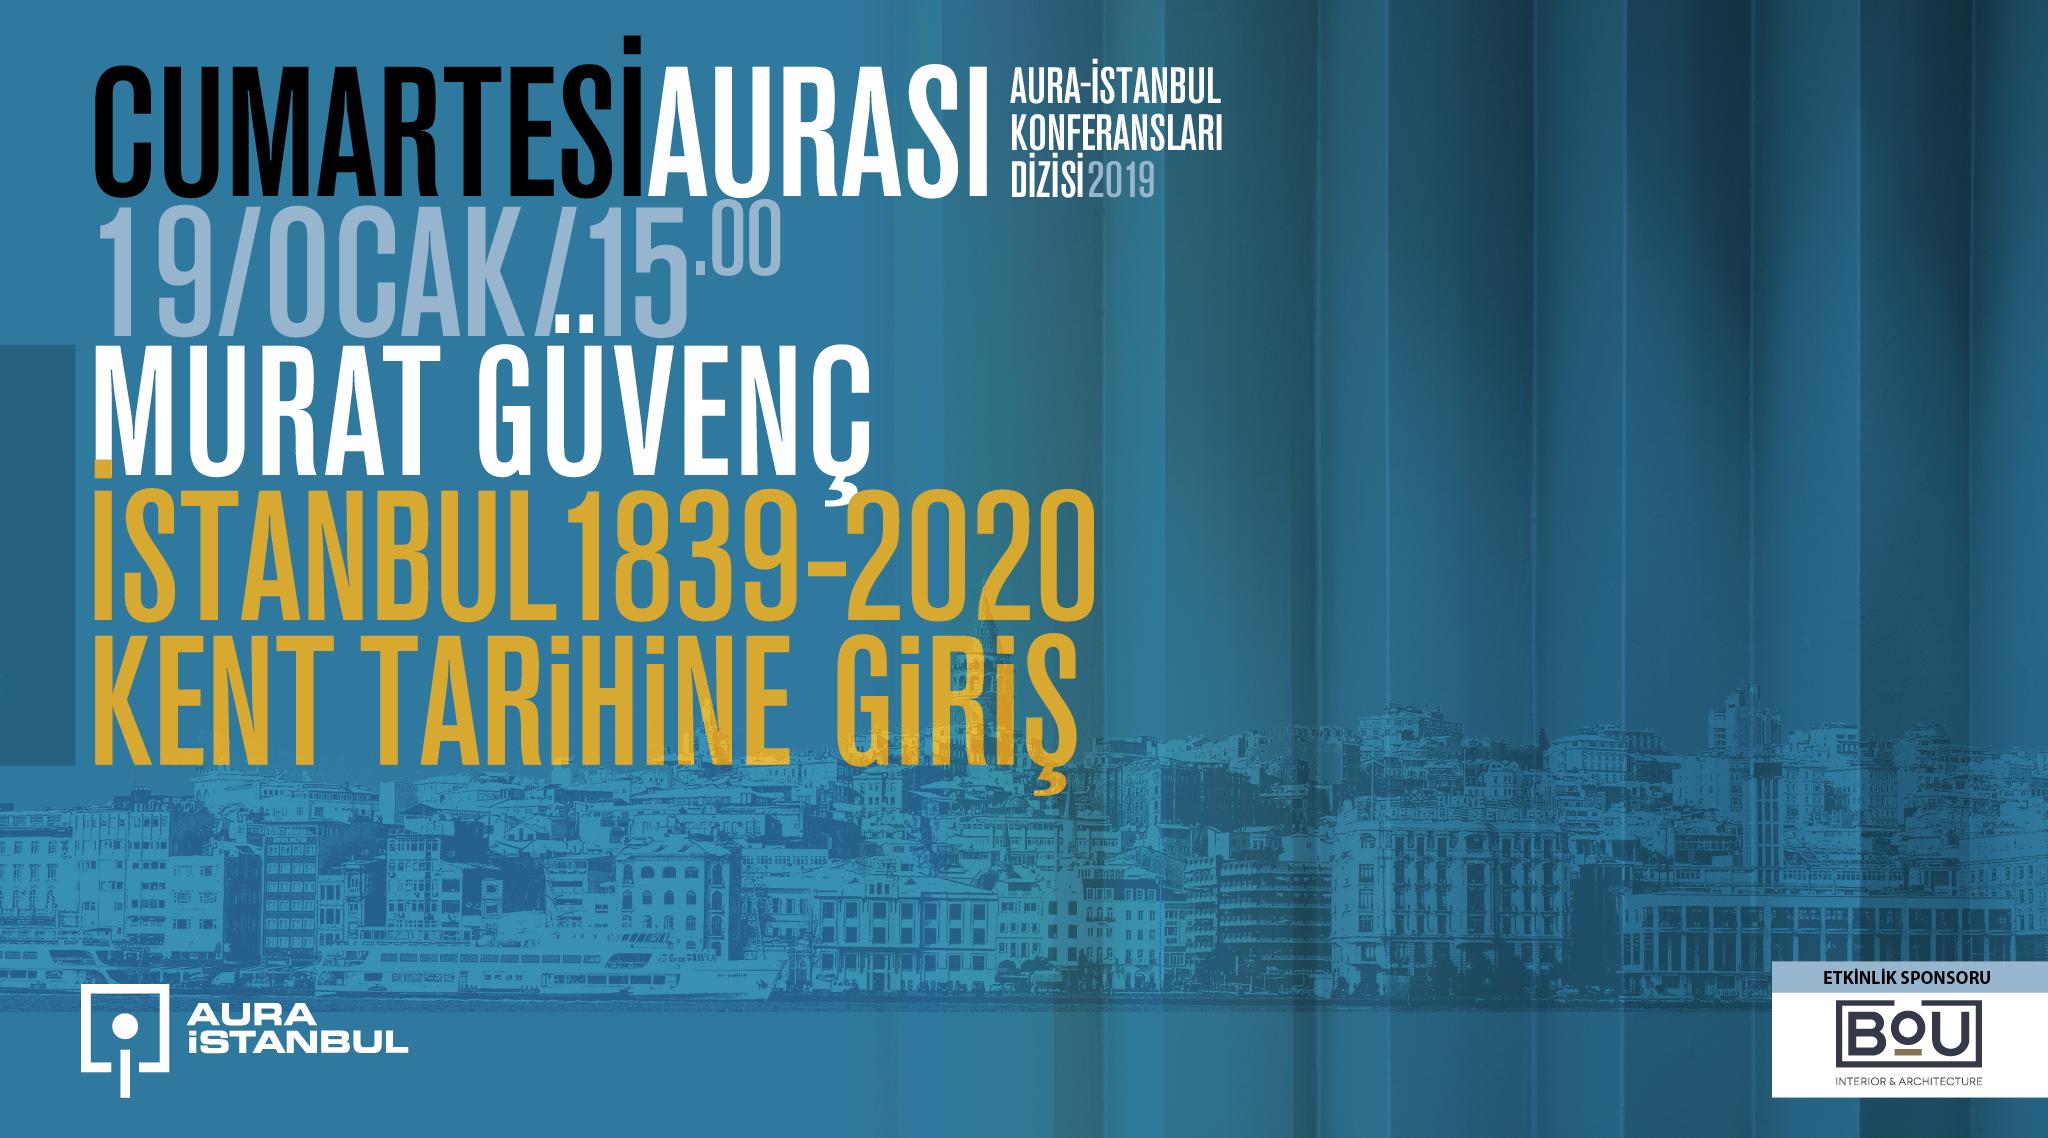 """Cumartesi Aurası: Murat Güvenç """"İstanbul 1839-2020: Kent Tarihine Giriş"""""""